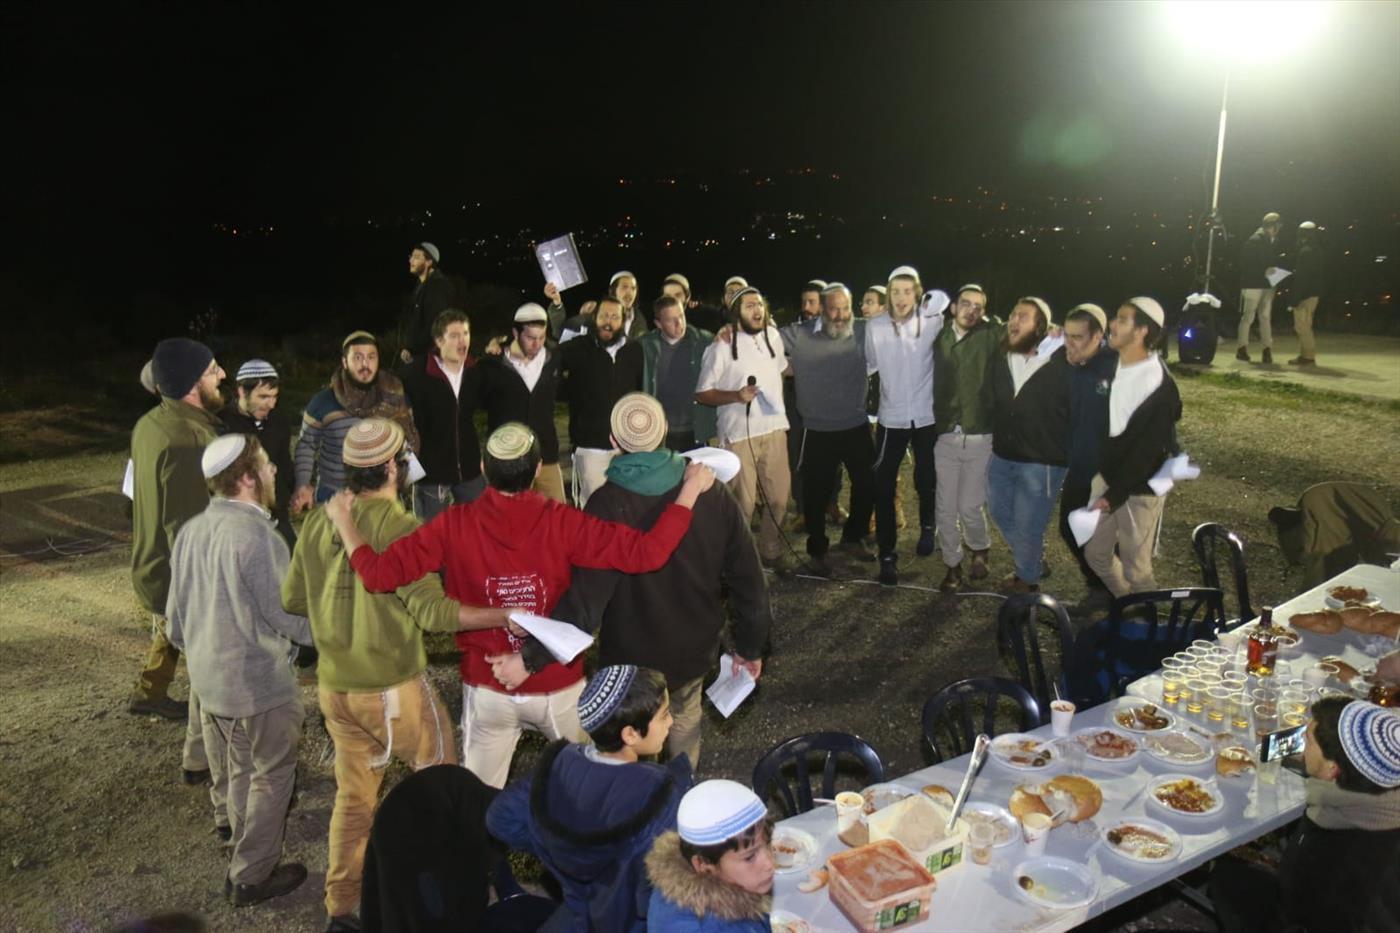 ריקודים בחגיגת סיום מסכת בגבעת אביתר בשומרון